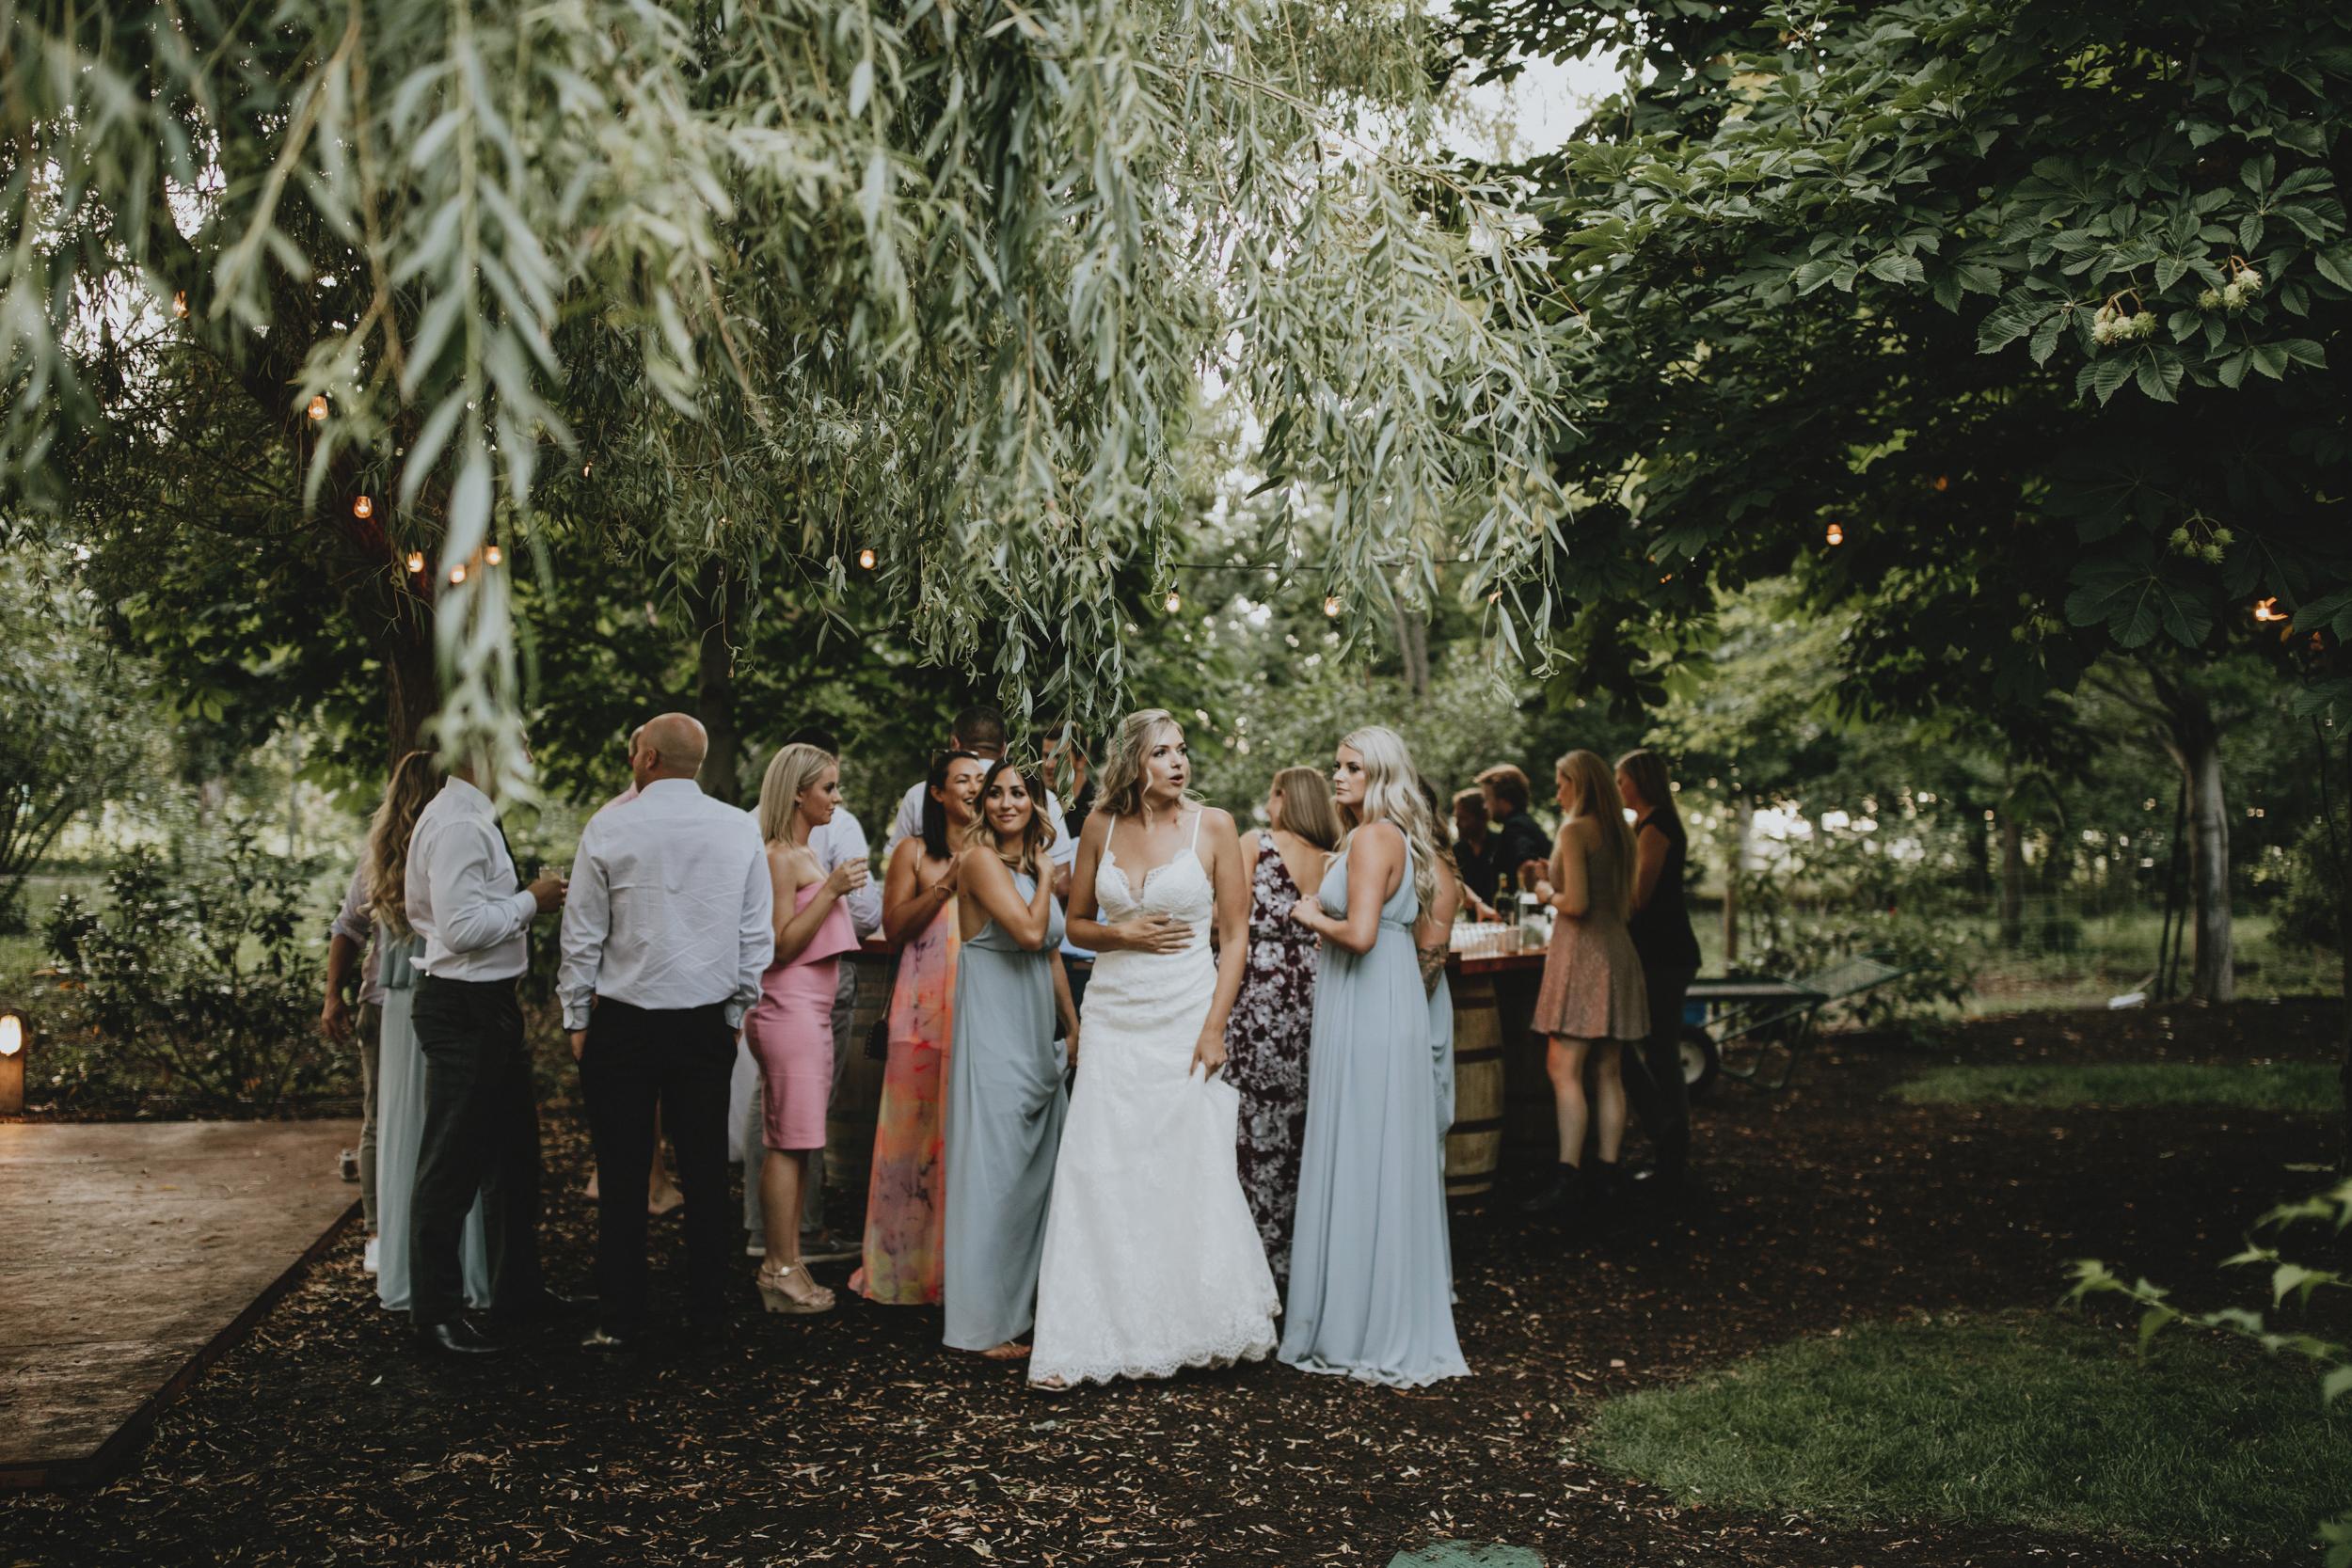 Linden-Gardens-Kaleden-Wedding-2.jpg